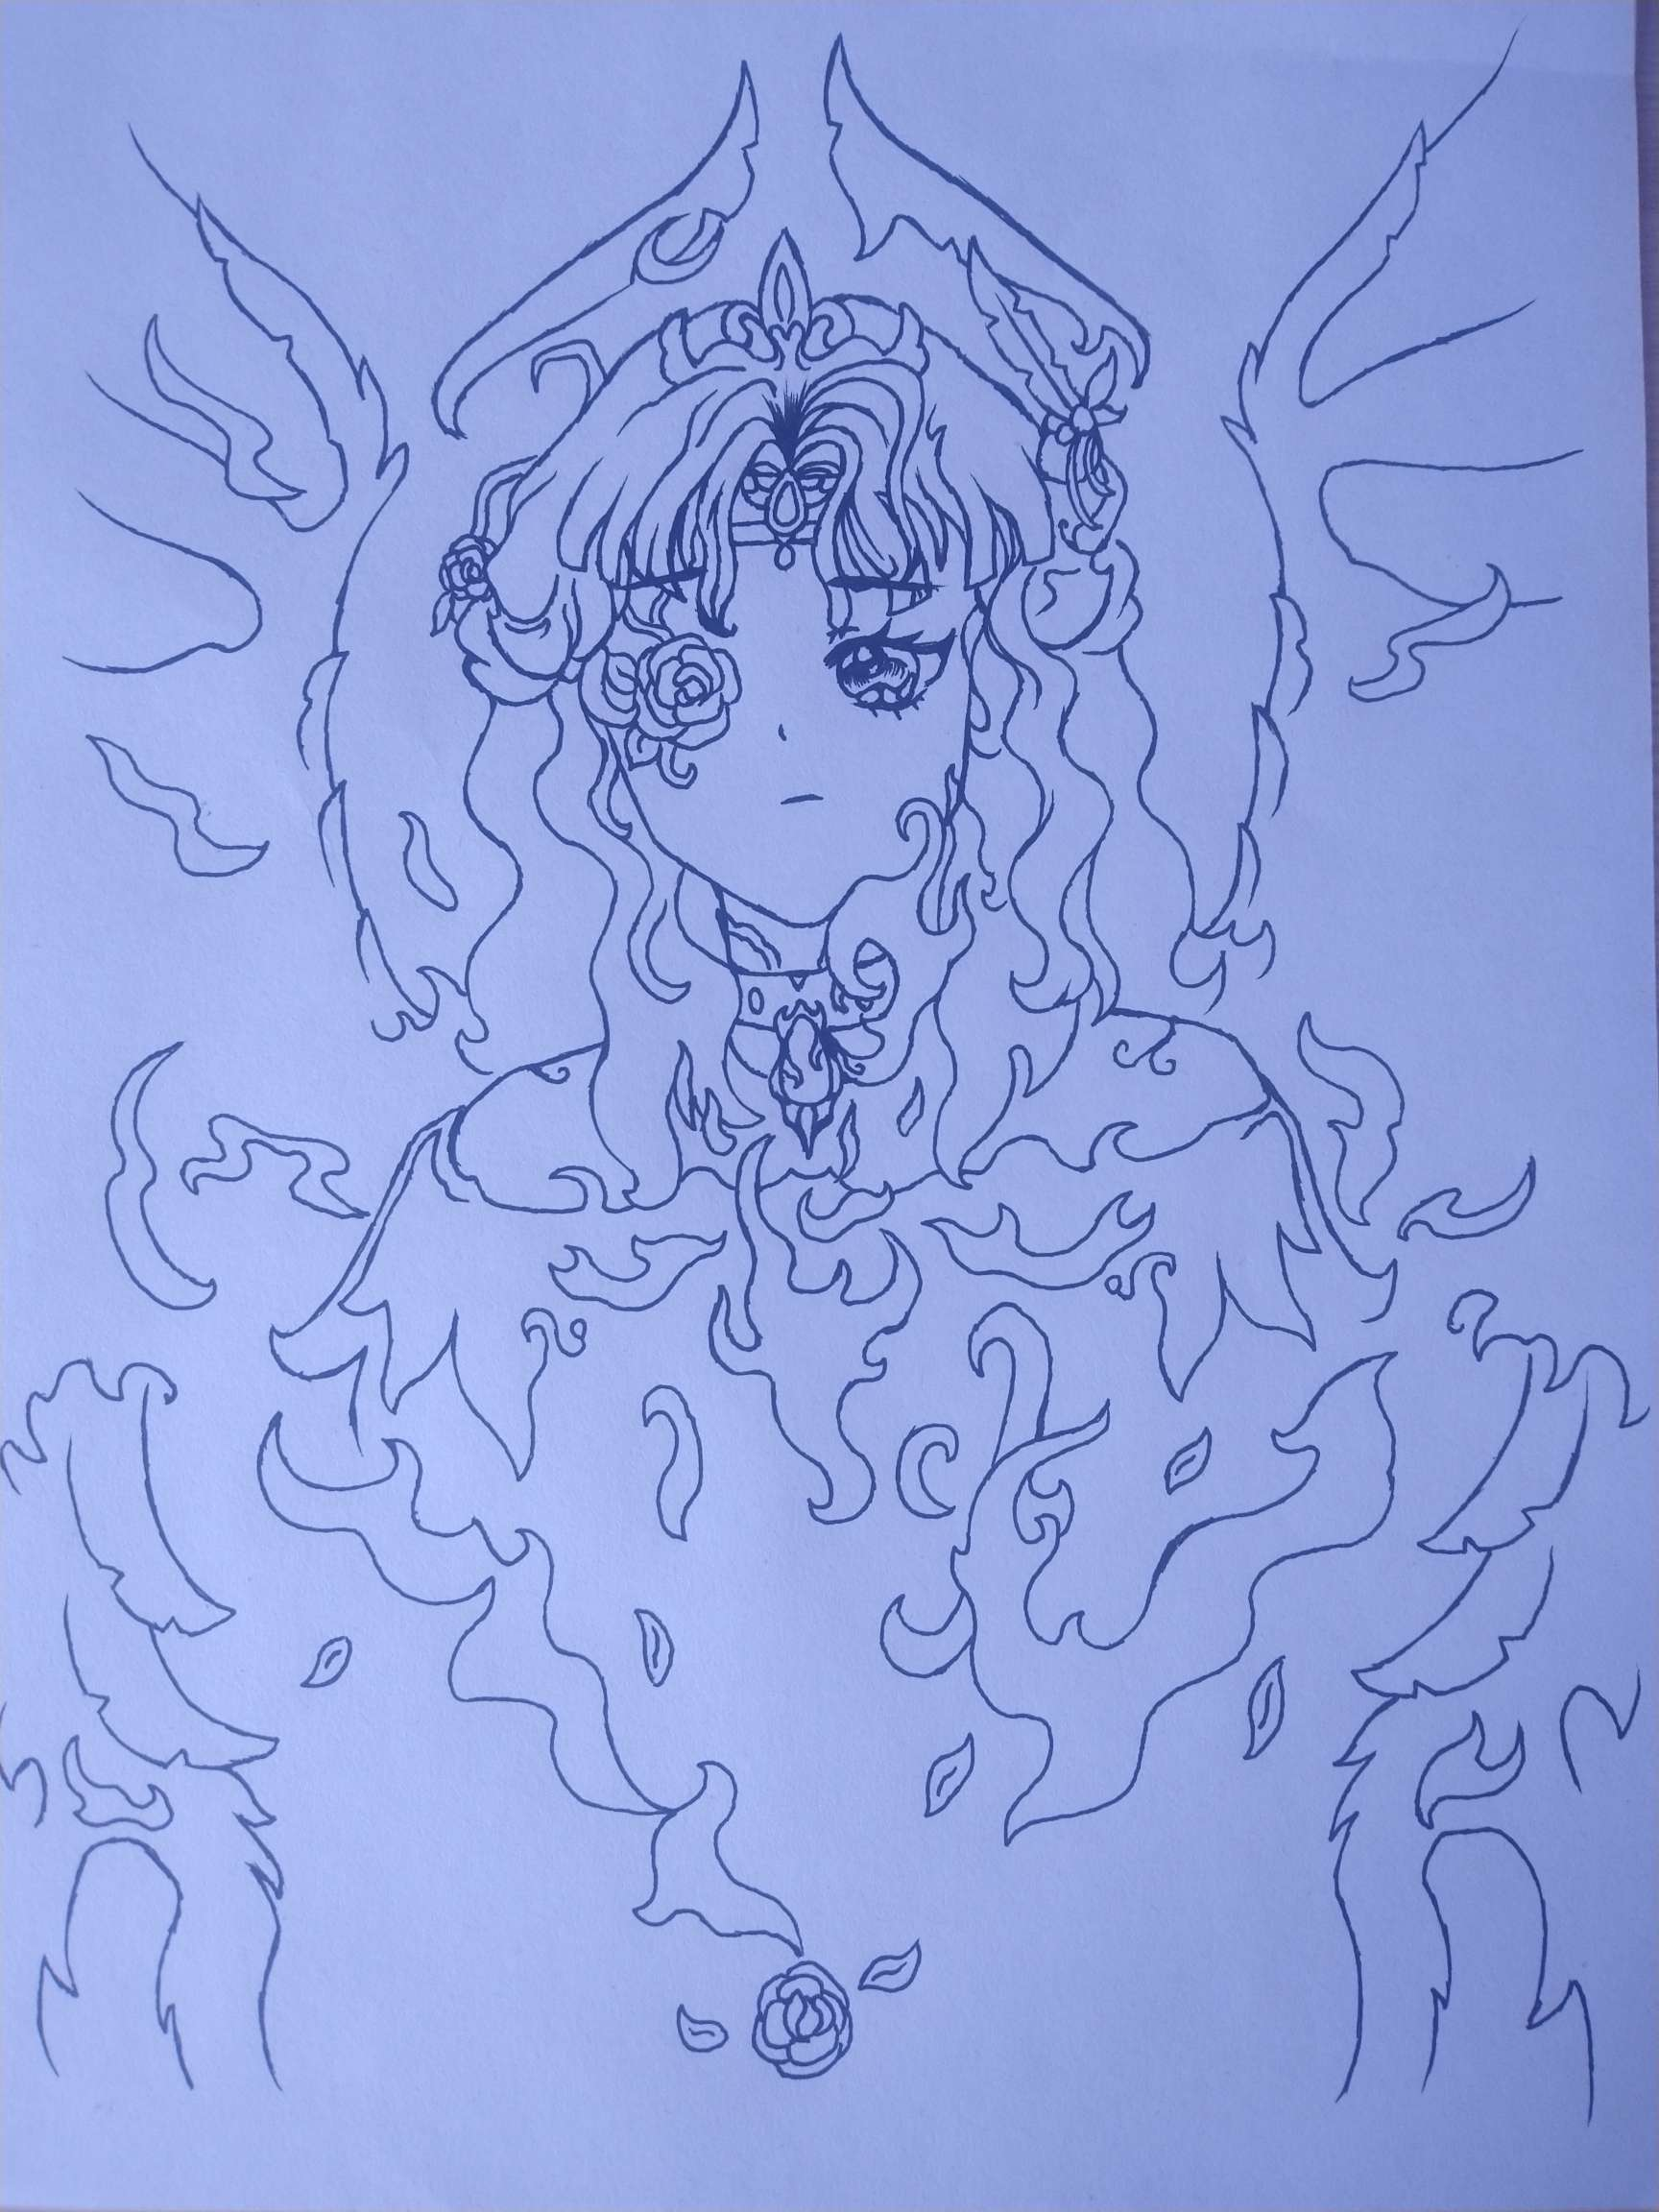 【手绘】萌新绘画,想象的烈焰天使。